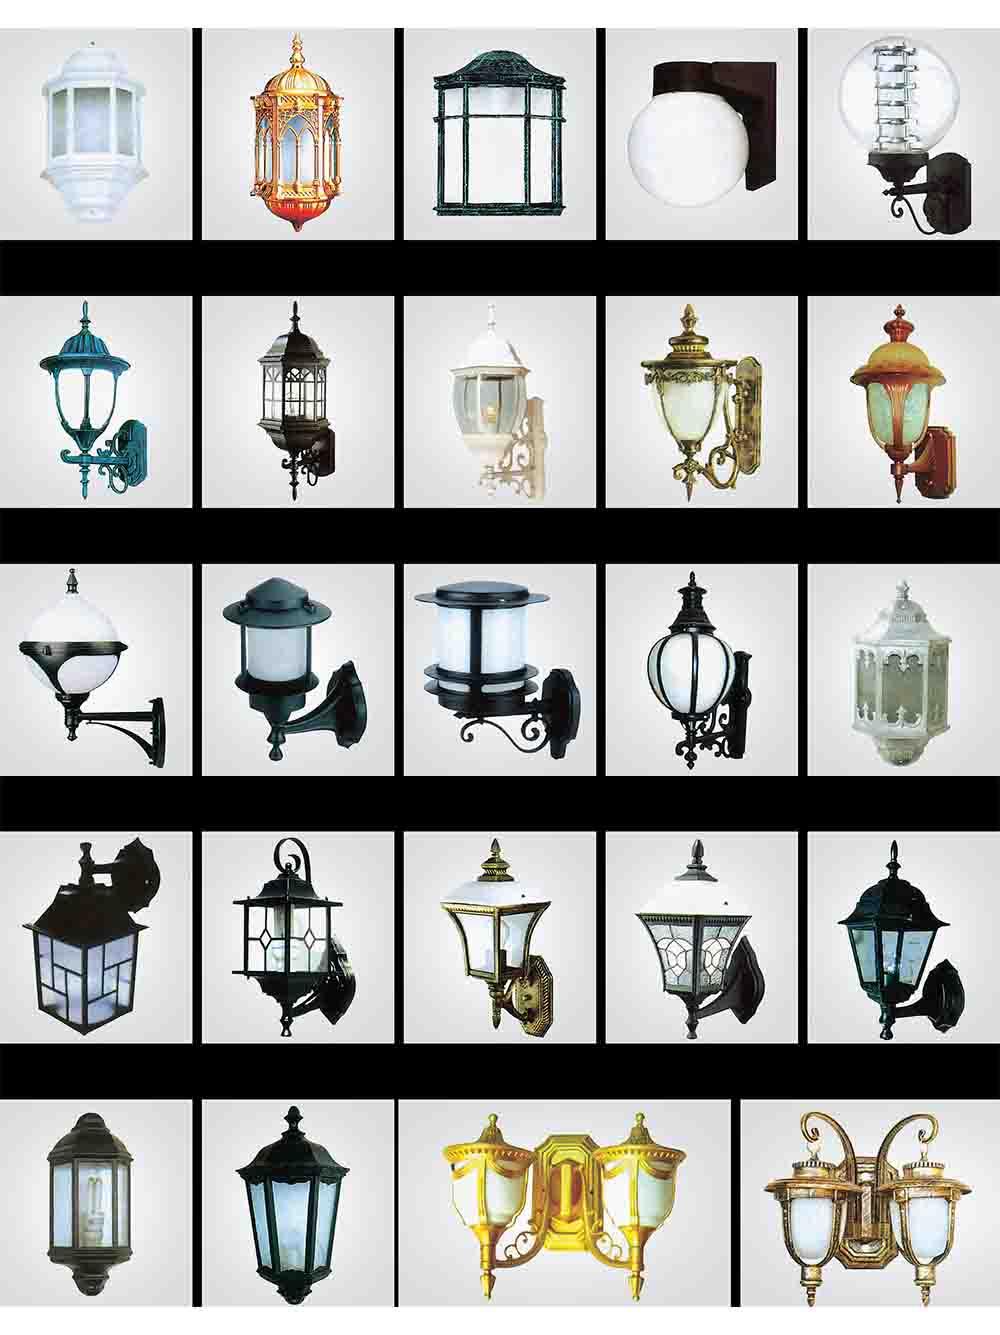 德化组合灯供货商 来电咨询「南安市诚亿照明科技供应」